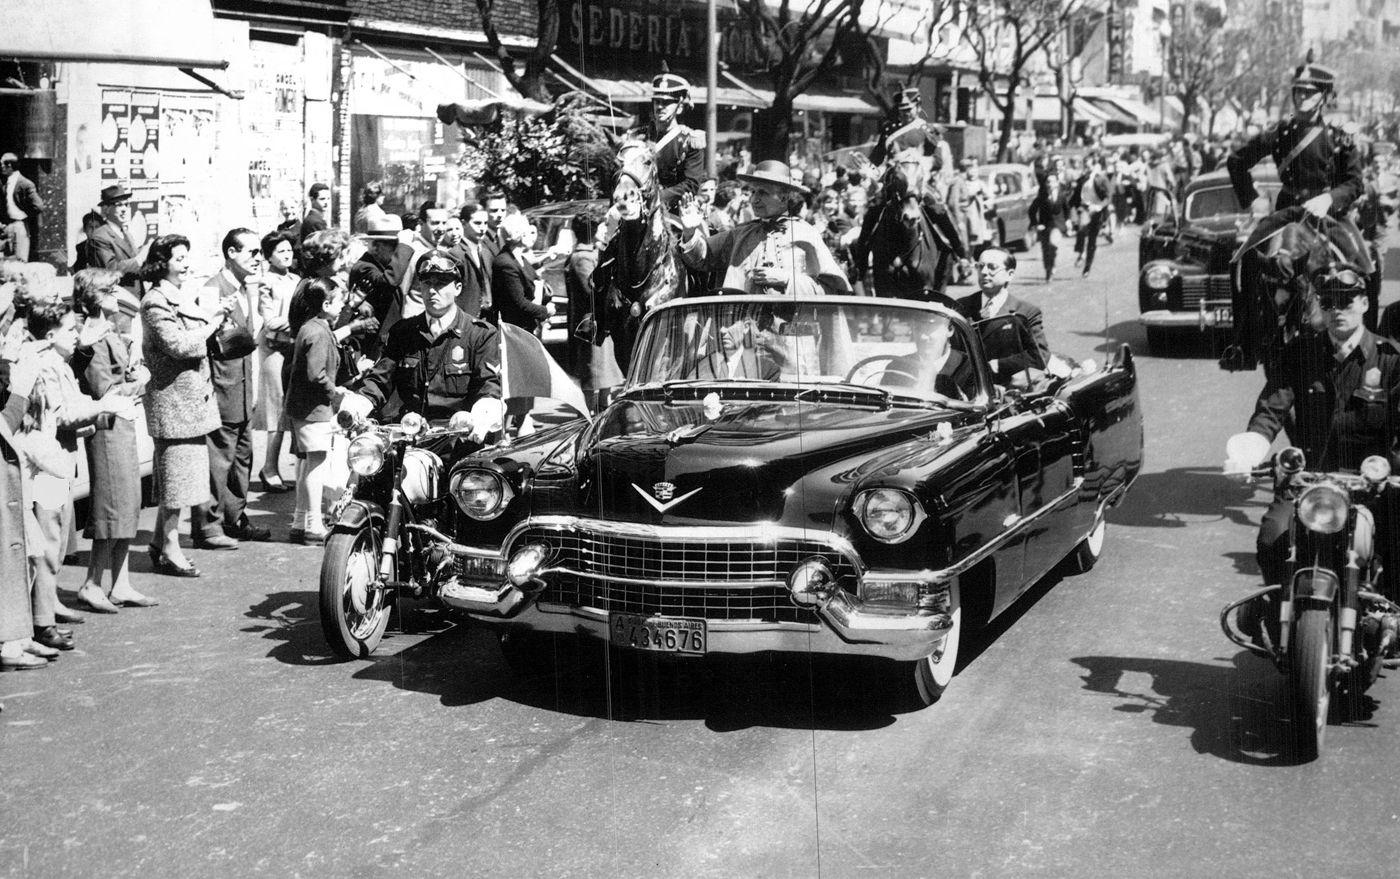 El Cadillac presidencial y el Cardenal Cento